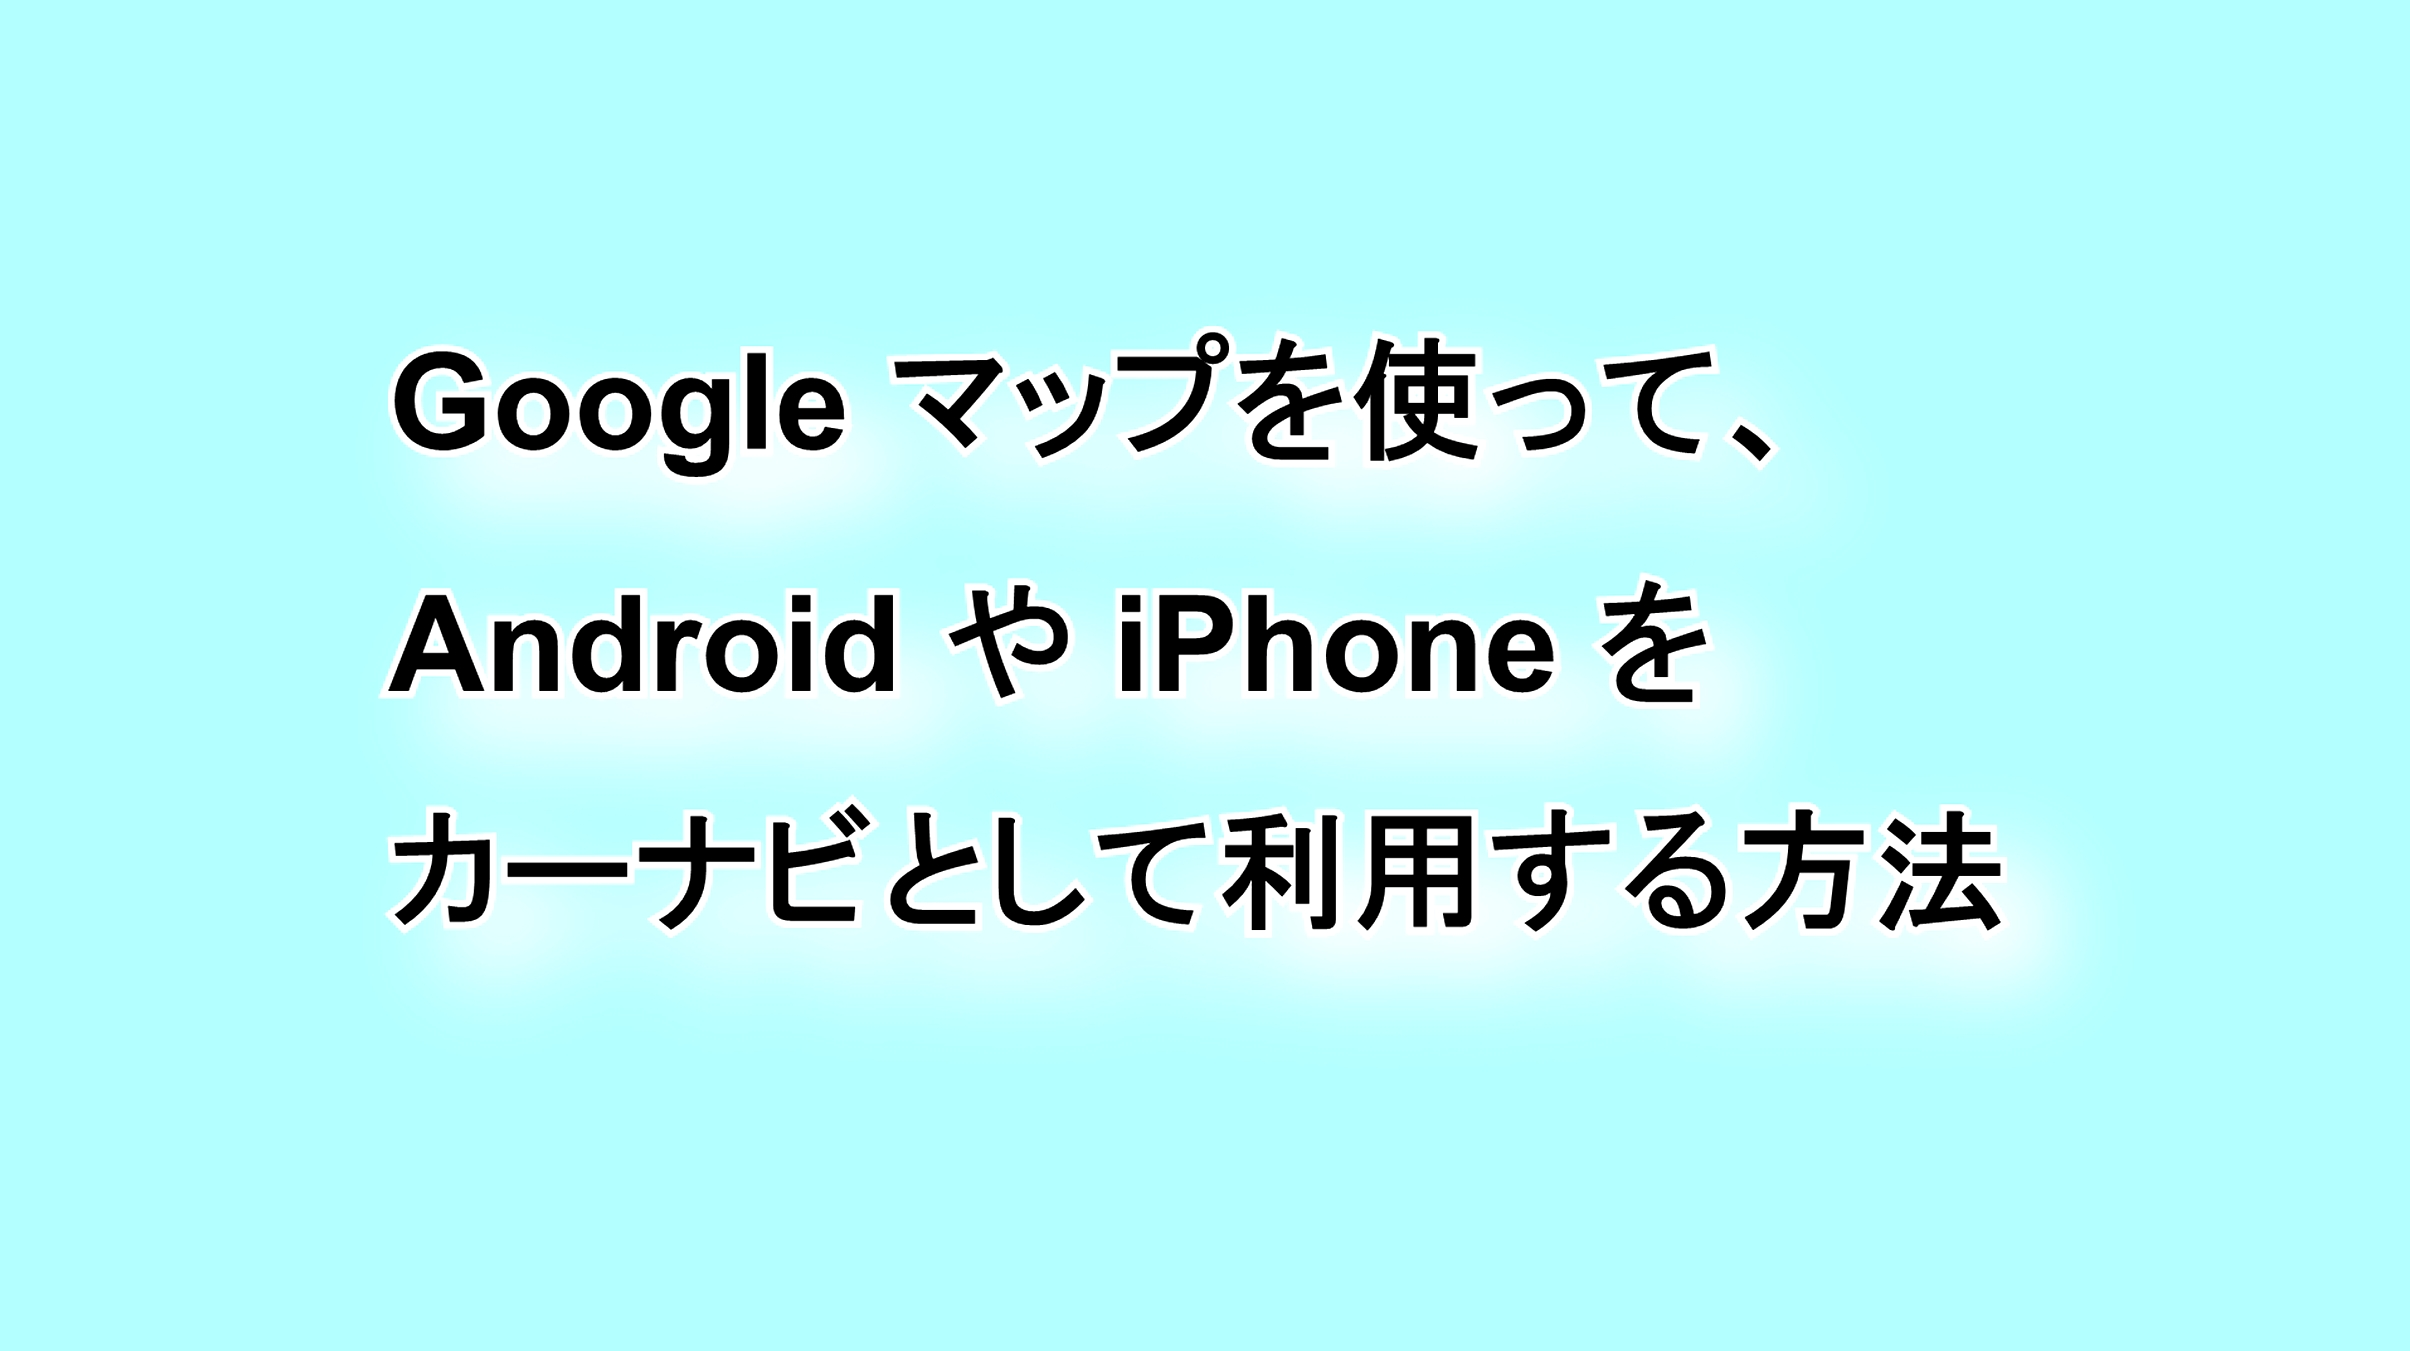 「Google マップ」を使ってAndroidやiPhoneをカーナビとして使う方法